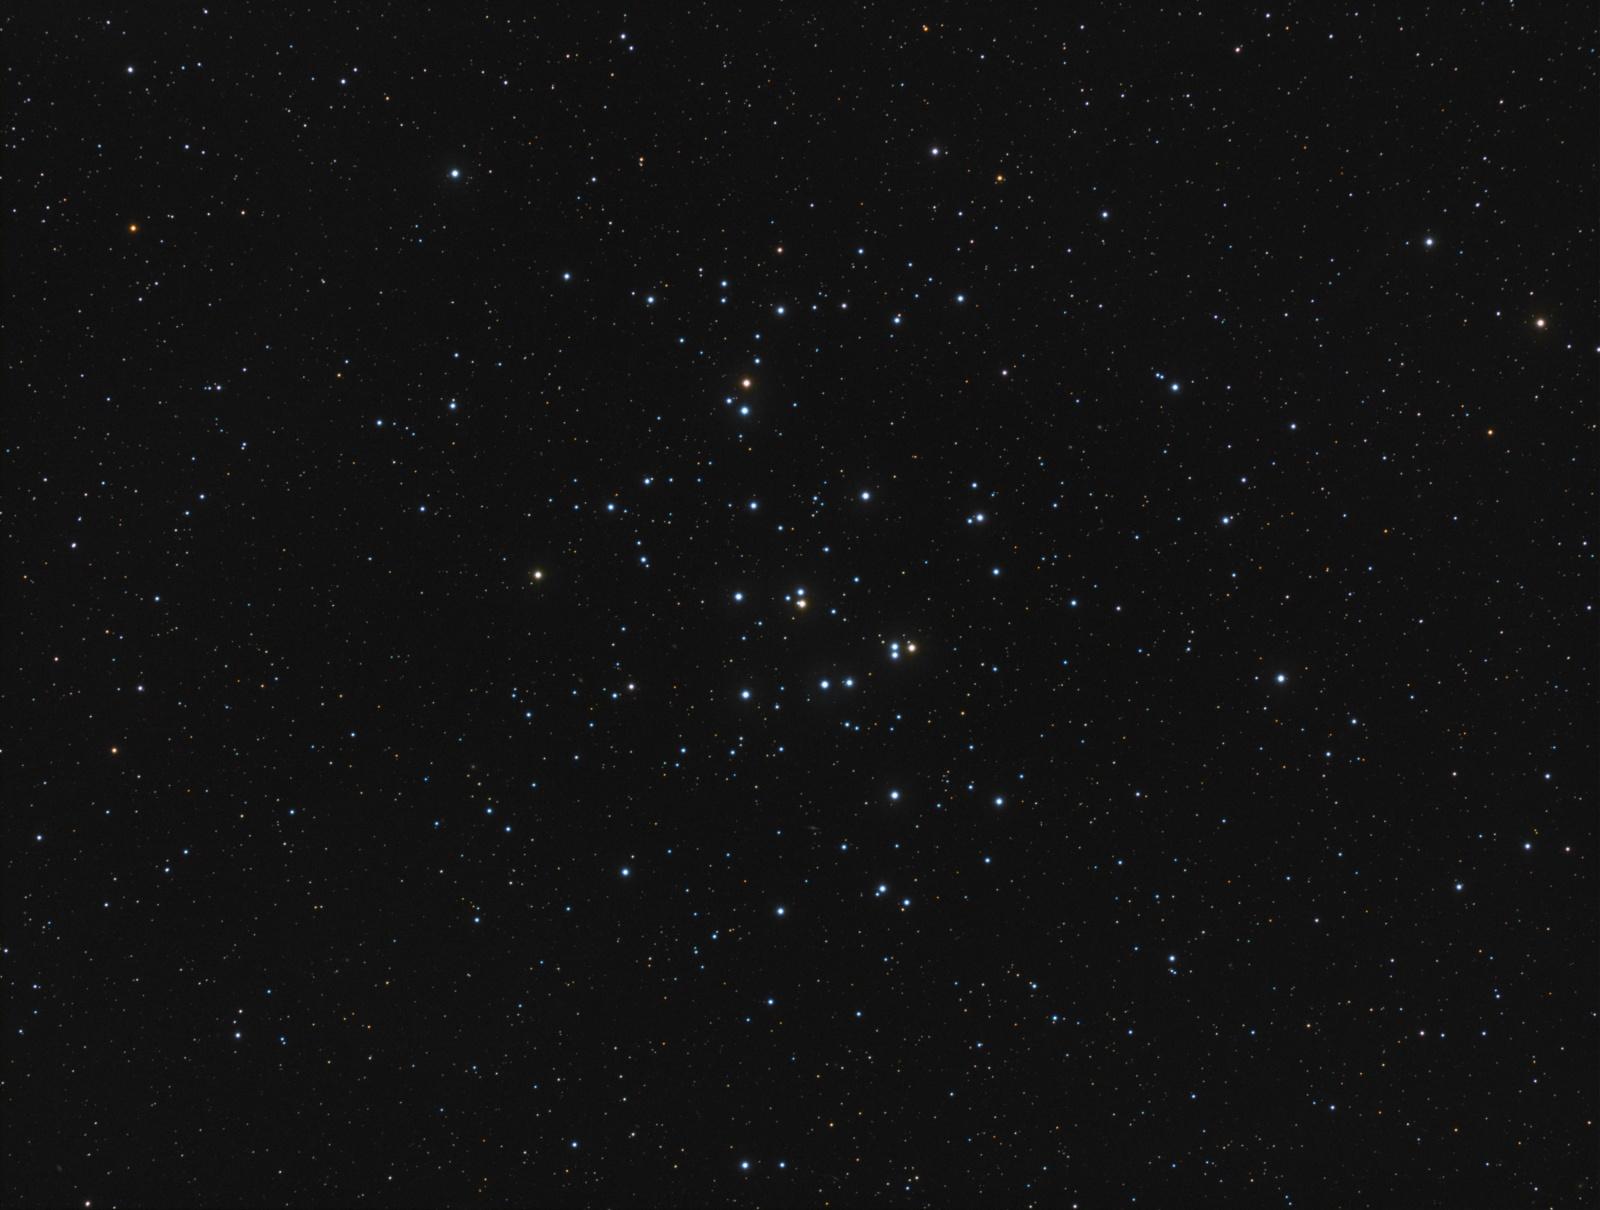 M44_2021_tar.thumb.jpg.792f881ab9bd62bf3cdbb8324865dcde.jpg